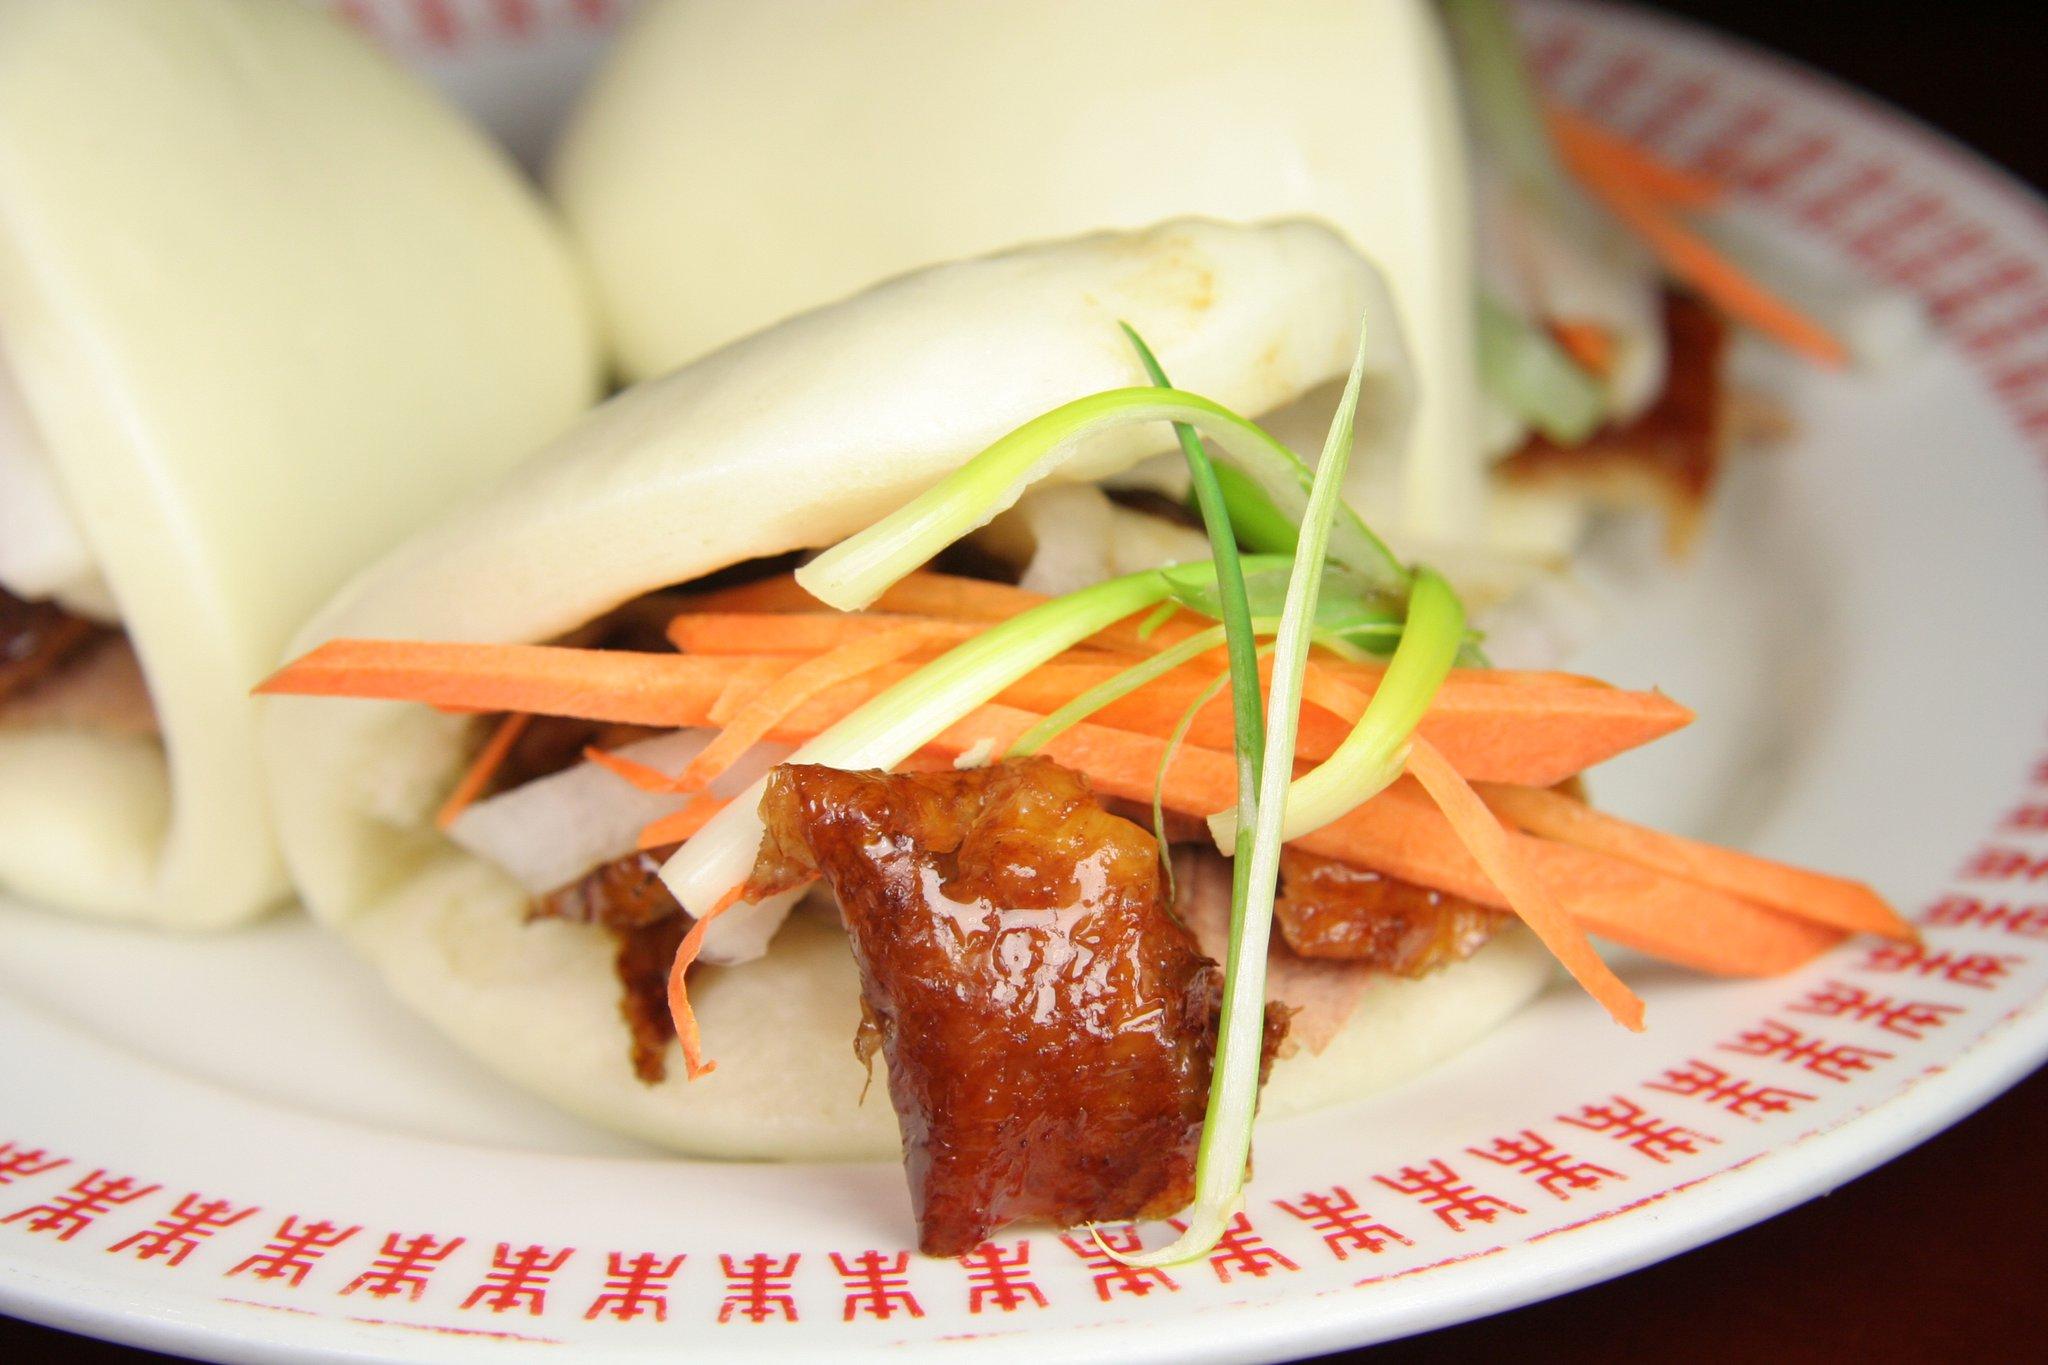 L'un des plats proposés par le Sun Wah Barbecue Restaurant de Chicago, qui s'est vu attribuer le titre de restaurant le plus typiquement américain de l'année. (Photo Facebook/Sun Wah Barbecue Restaurant)